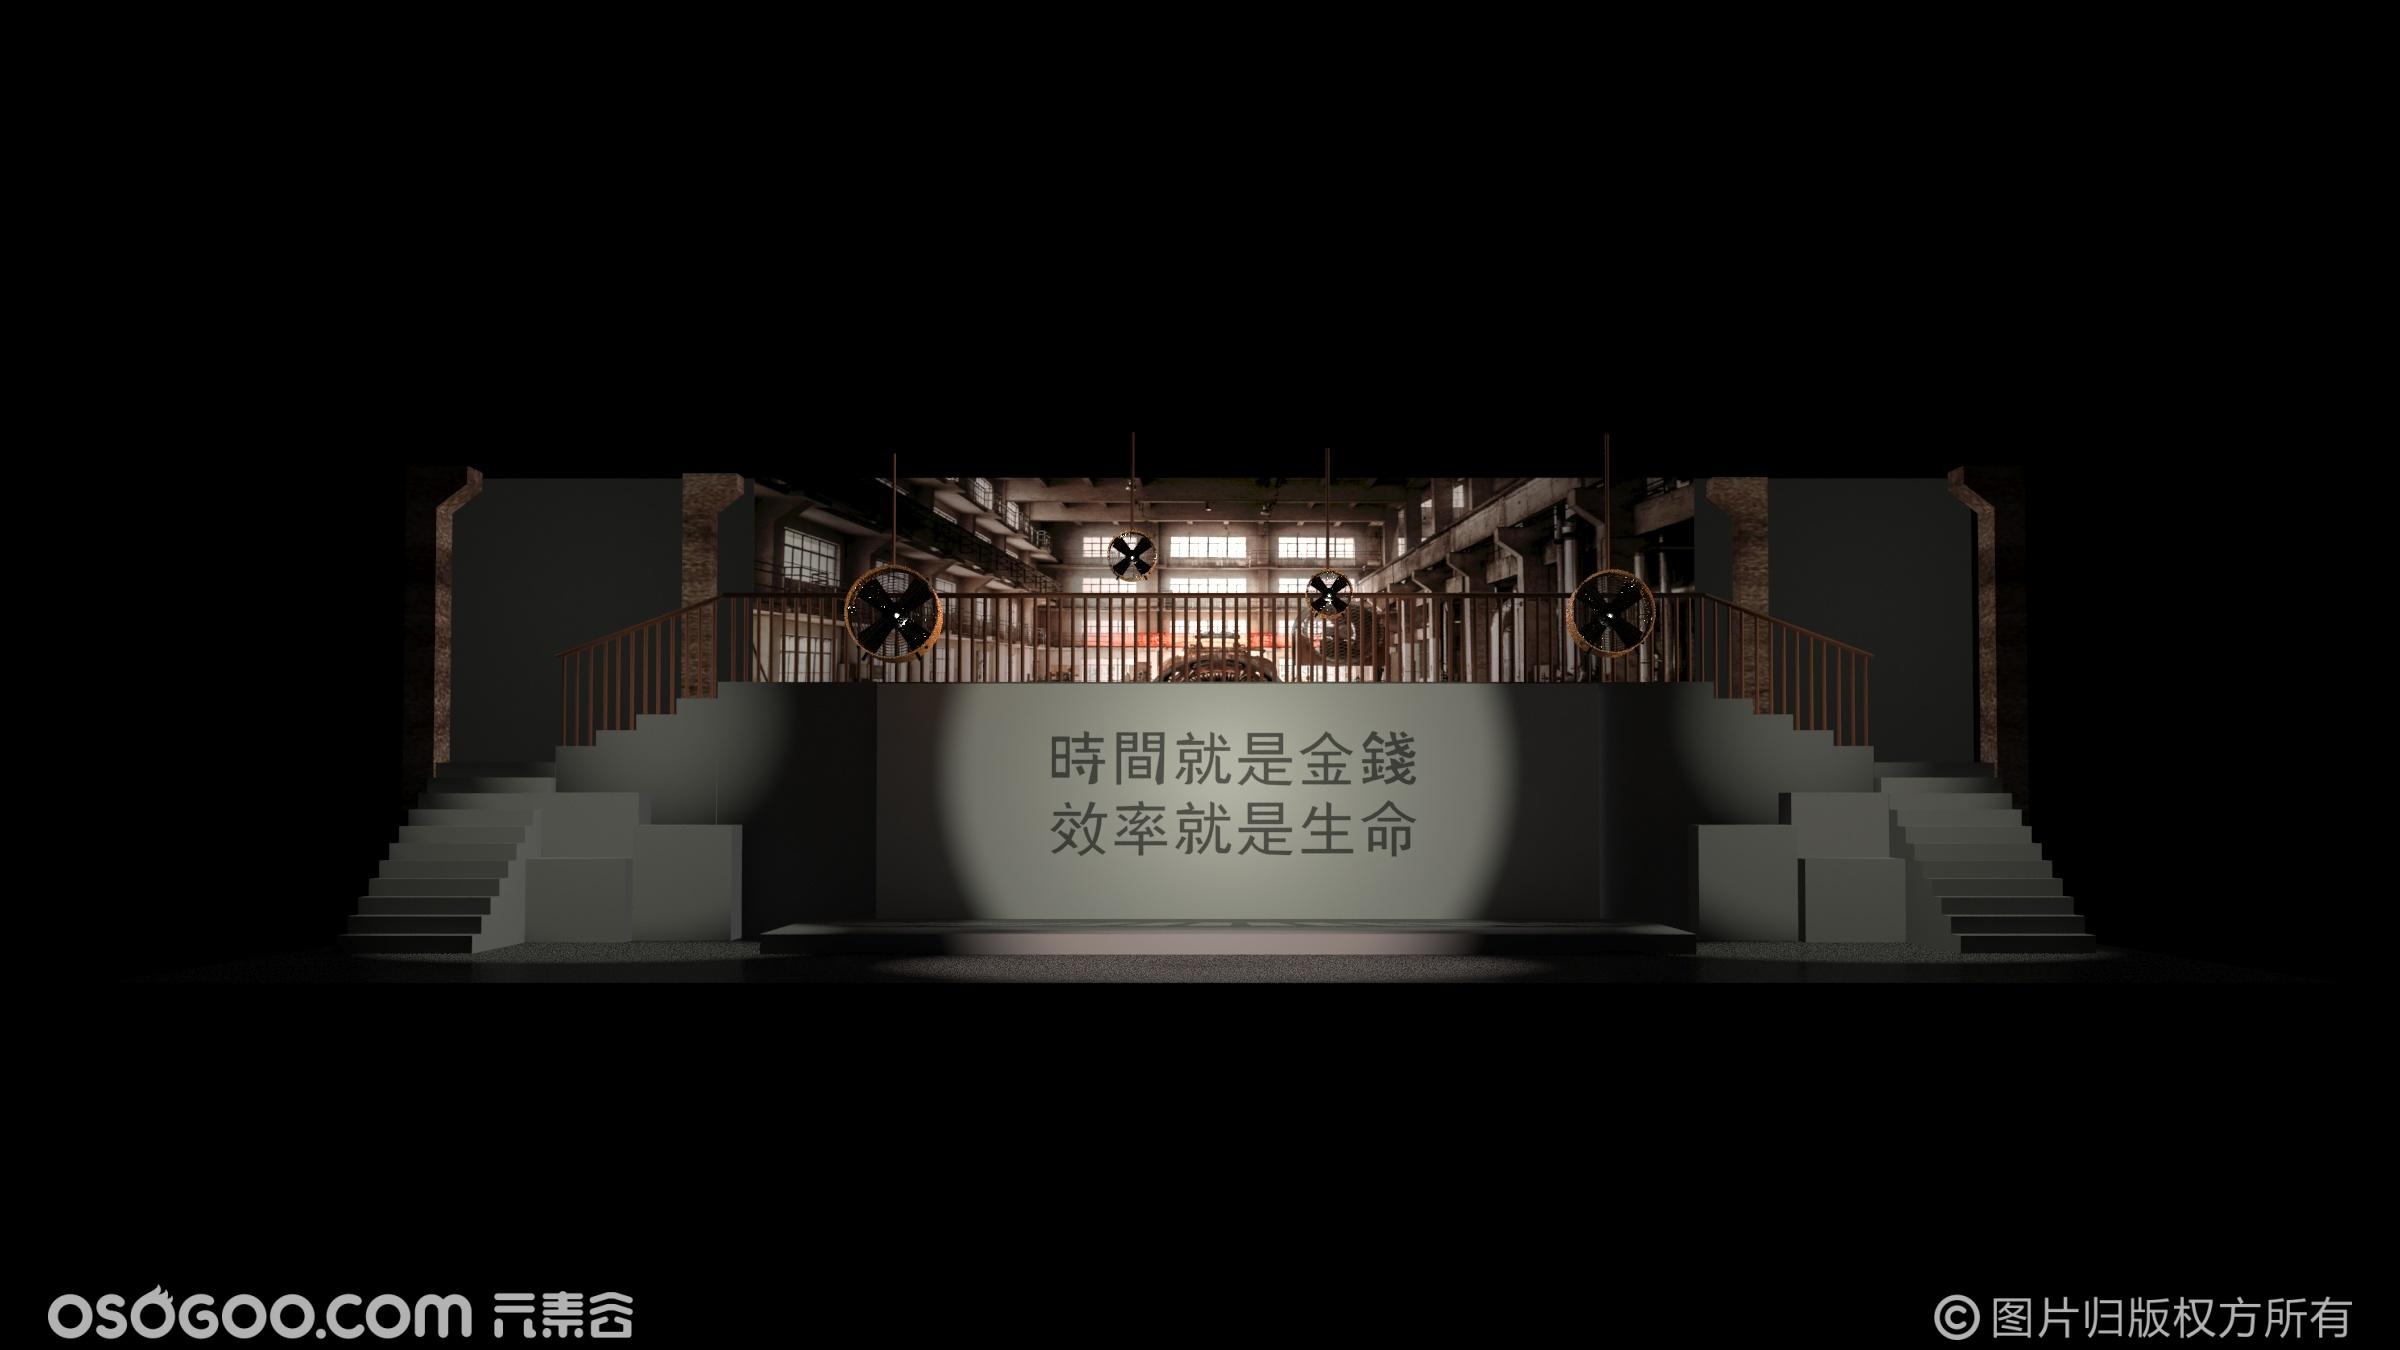 关于【深飘30年】的舞台剧的舞台设计